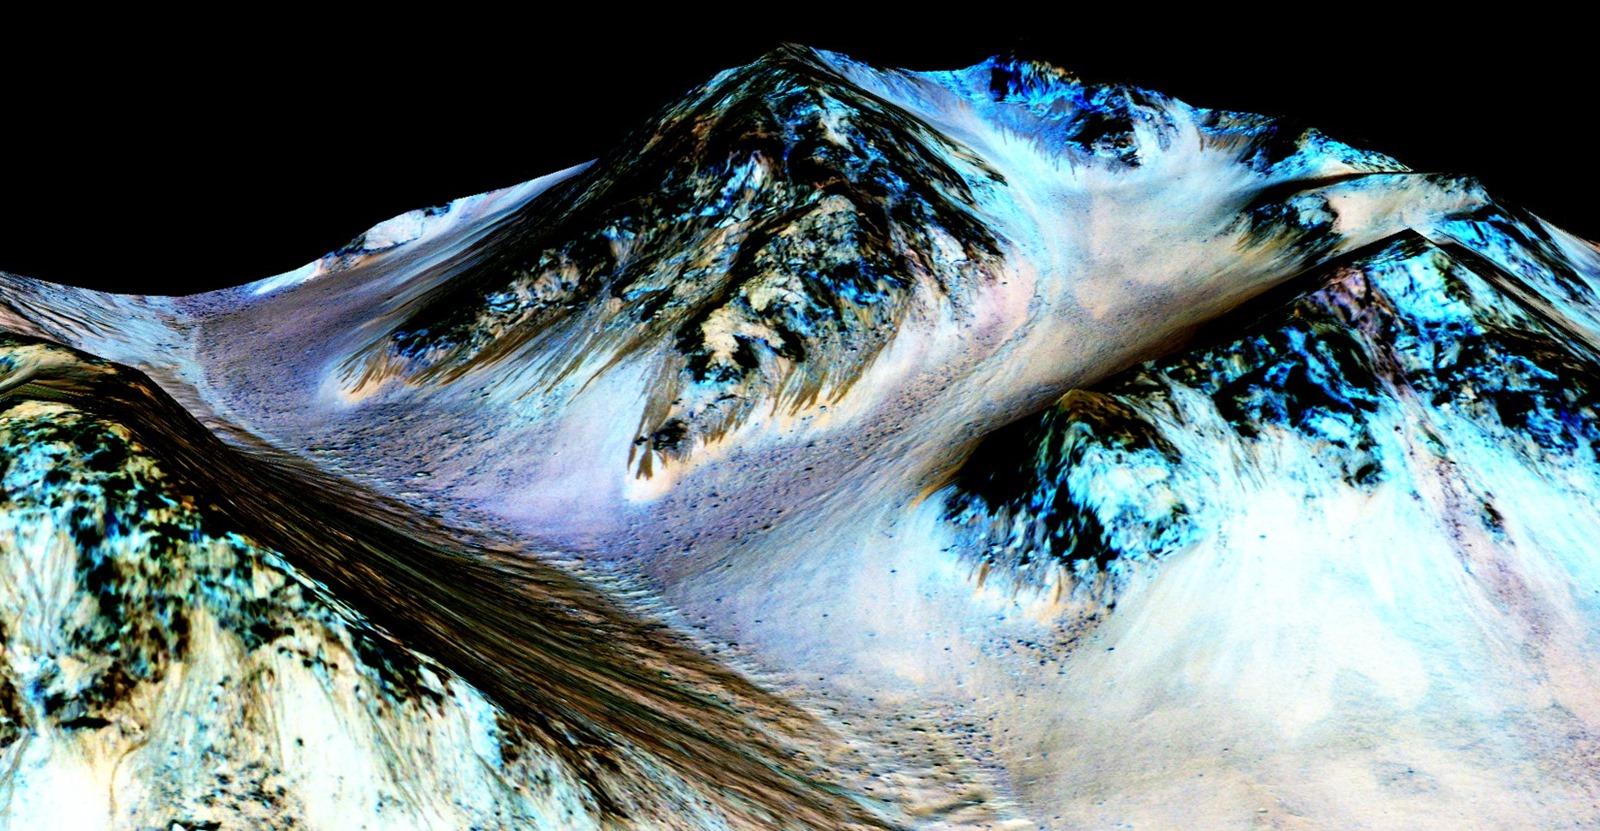 De l'eau salée coule actuellement sur des pentes martiennes et renforce l'idée d'une vie microbienne